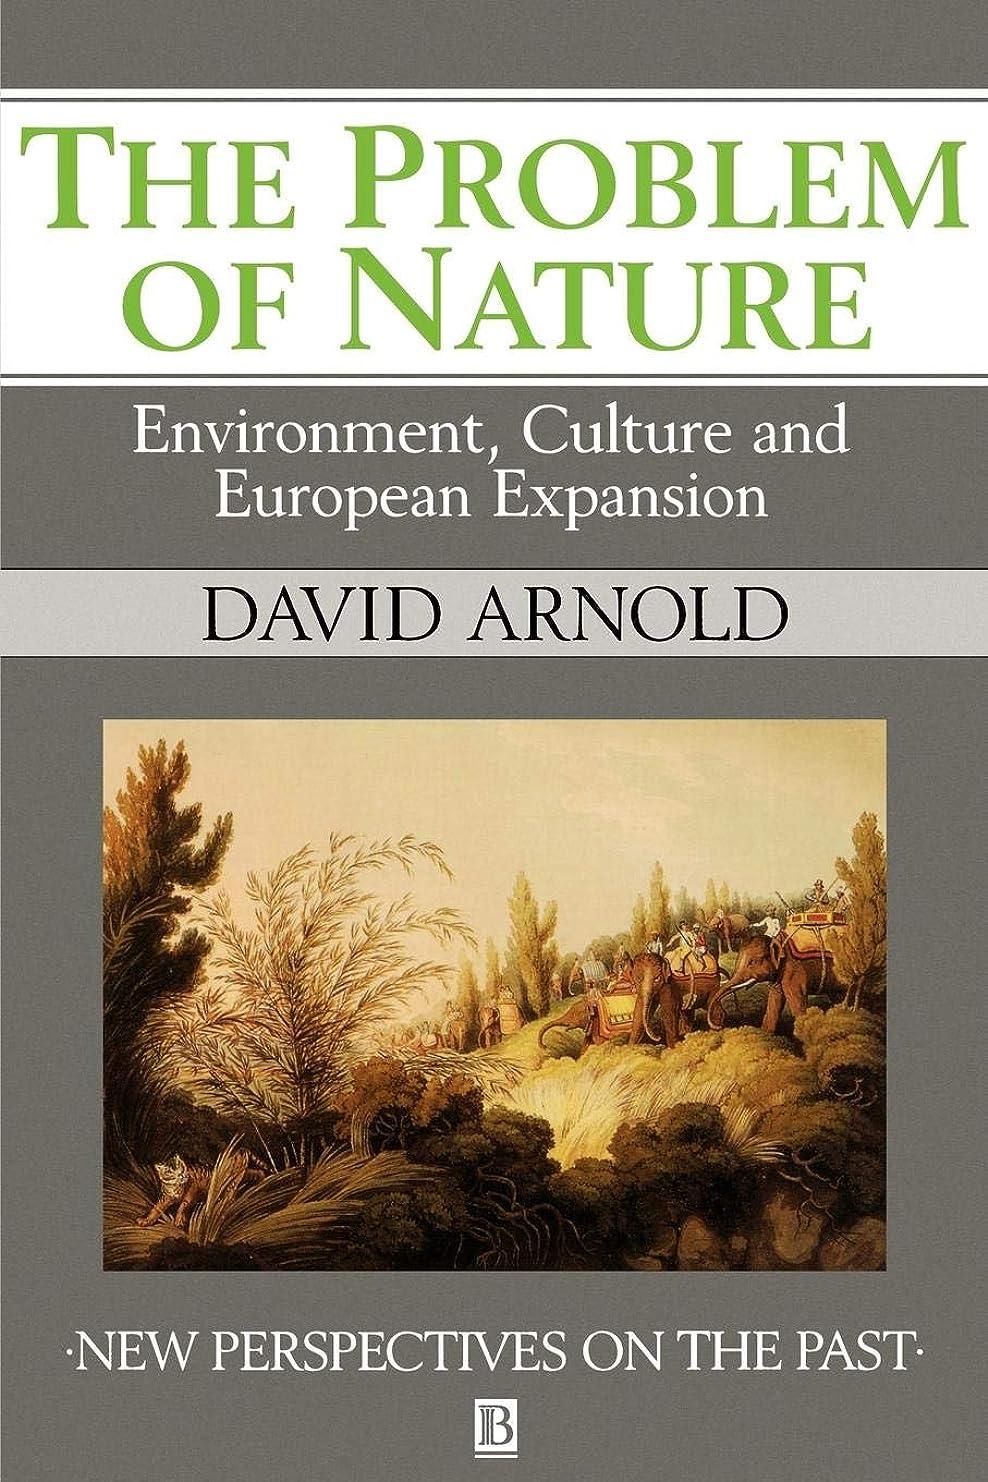 シャッフル誇大妄想起きるThe Problem of Nature: Environment and Culture in Historical Perspective (New Perspectives on the Past)